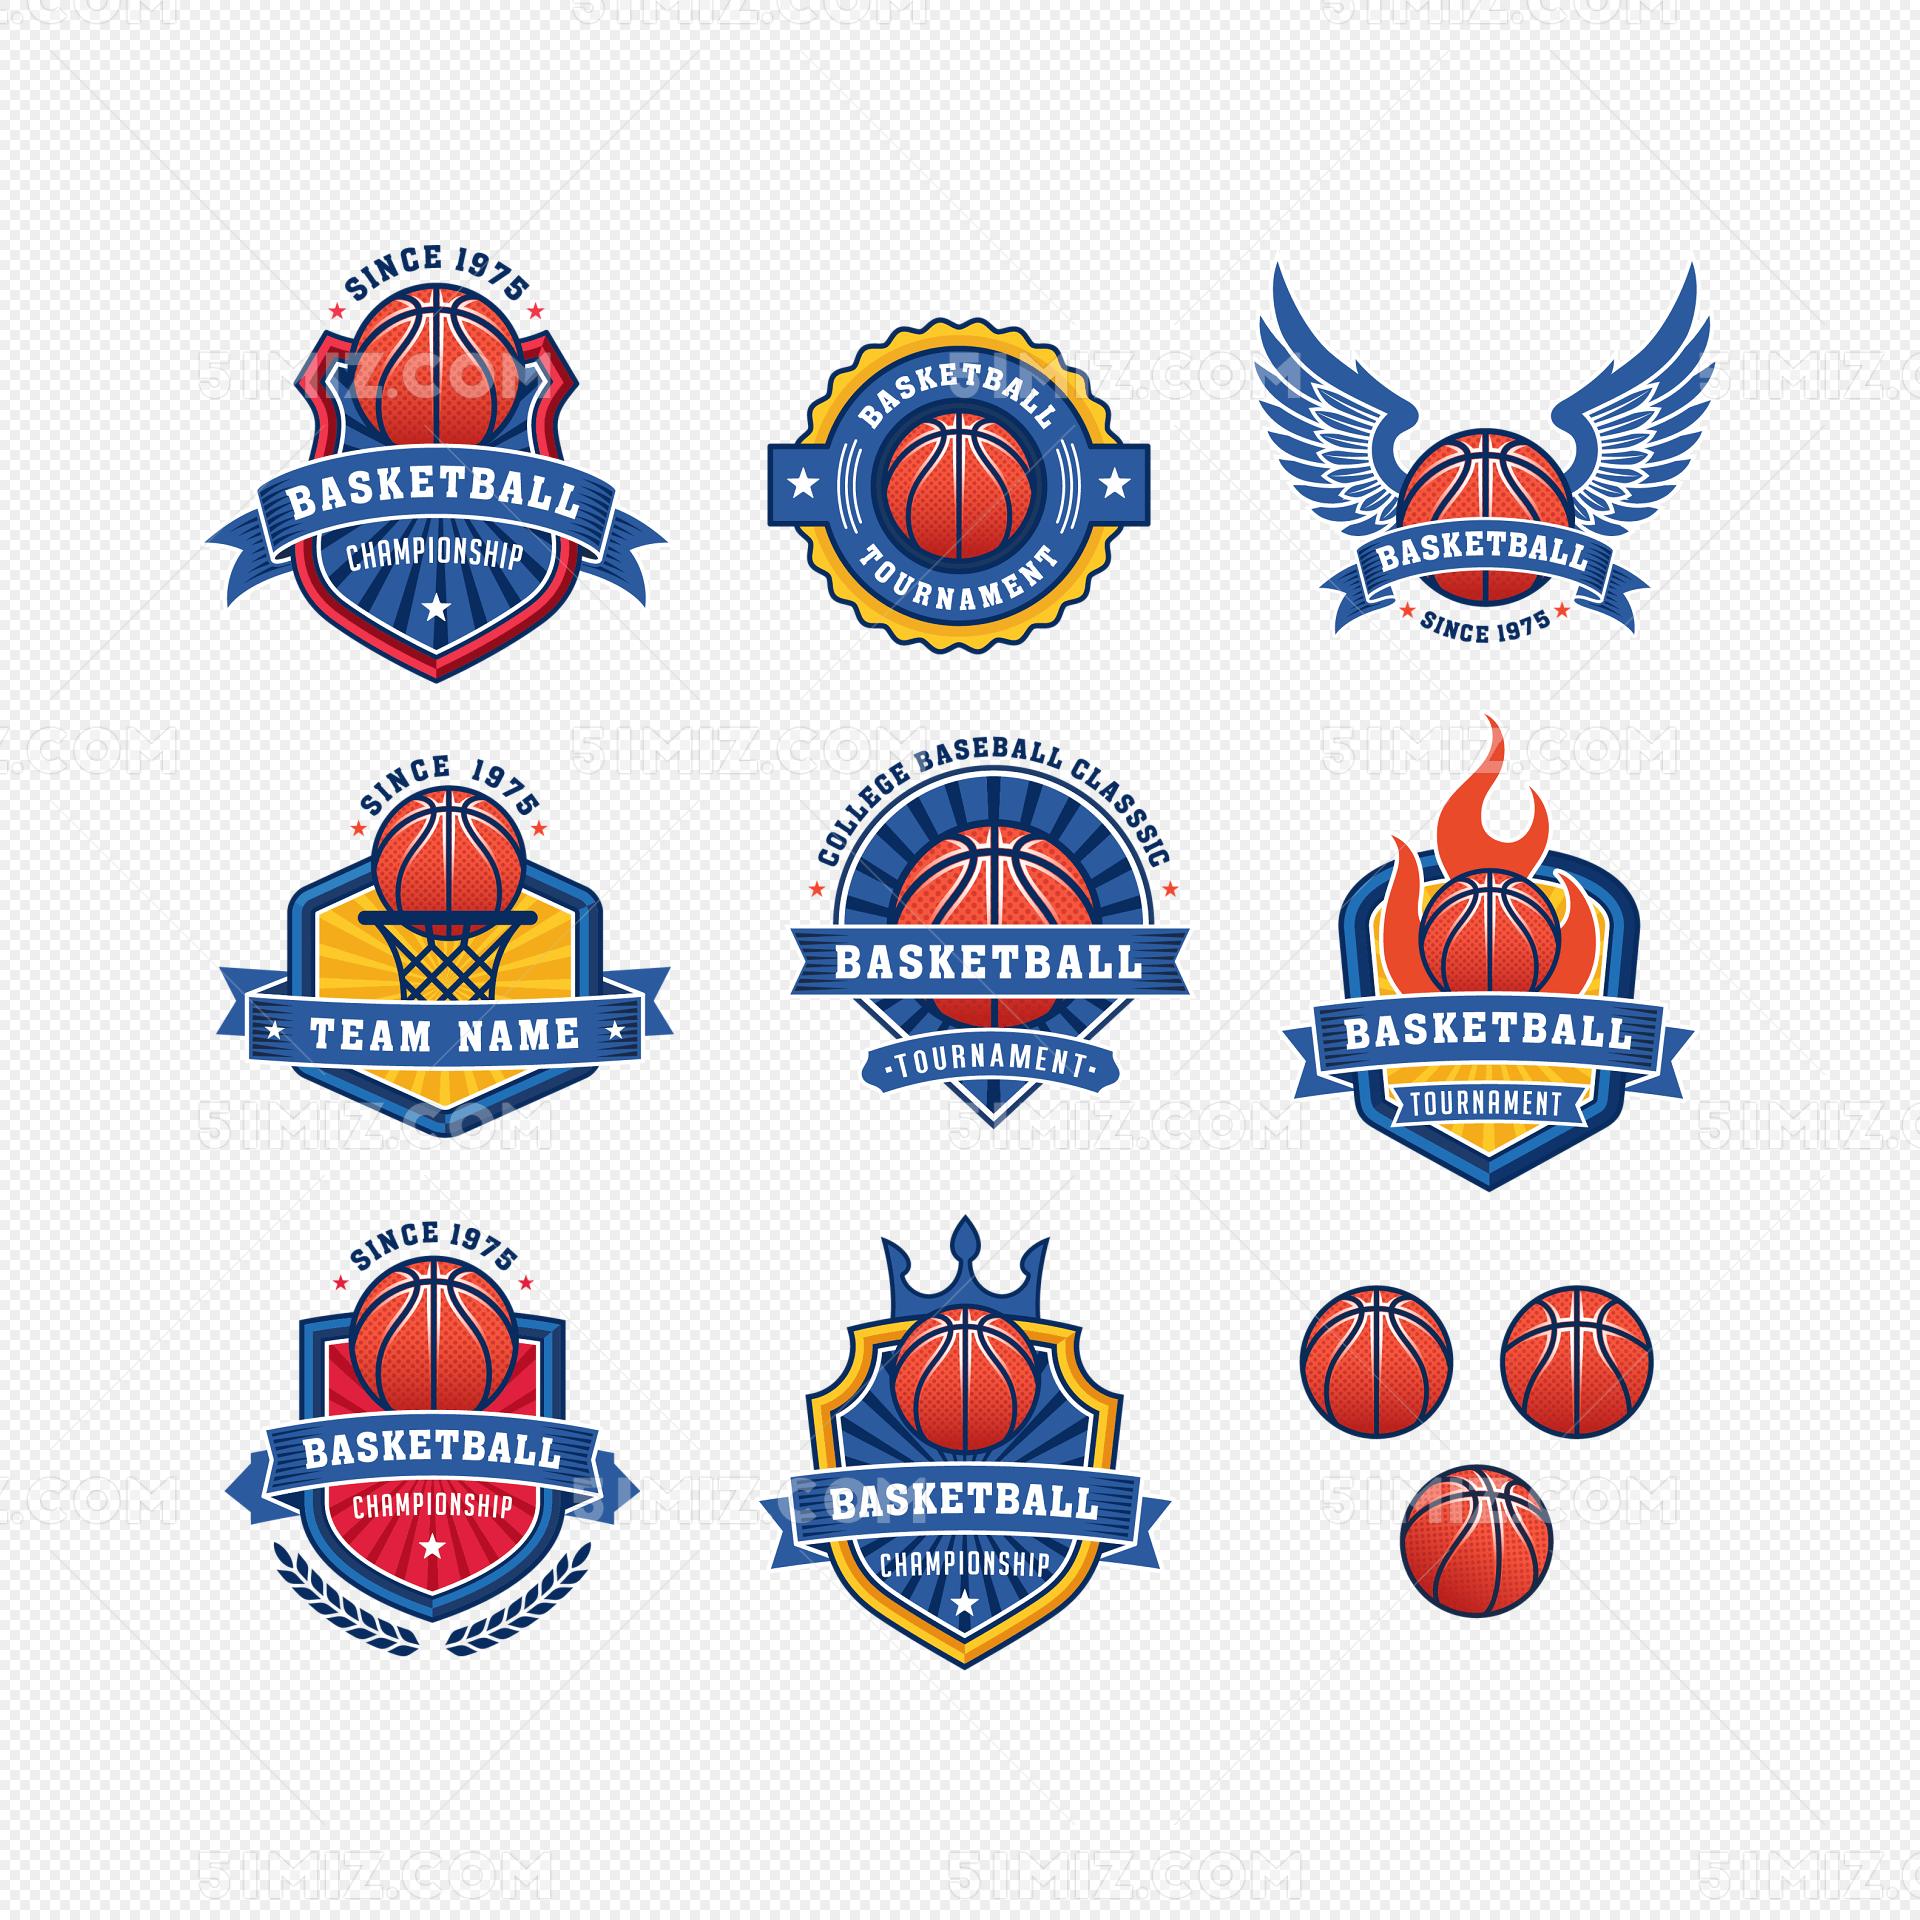 蓝色篮球队队徽logo免费下载_png素材_觅知网